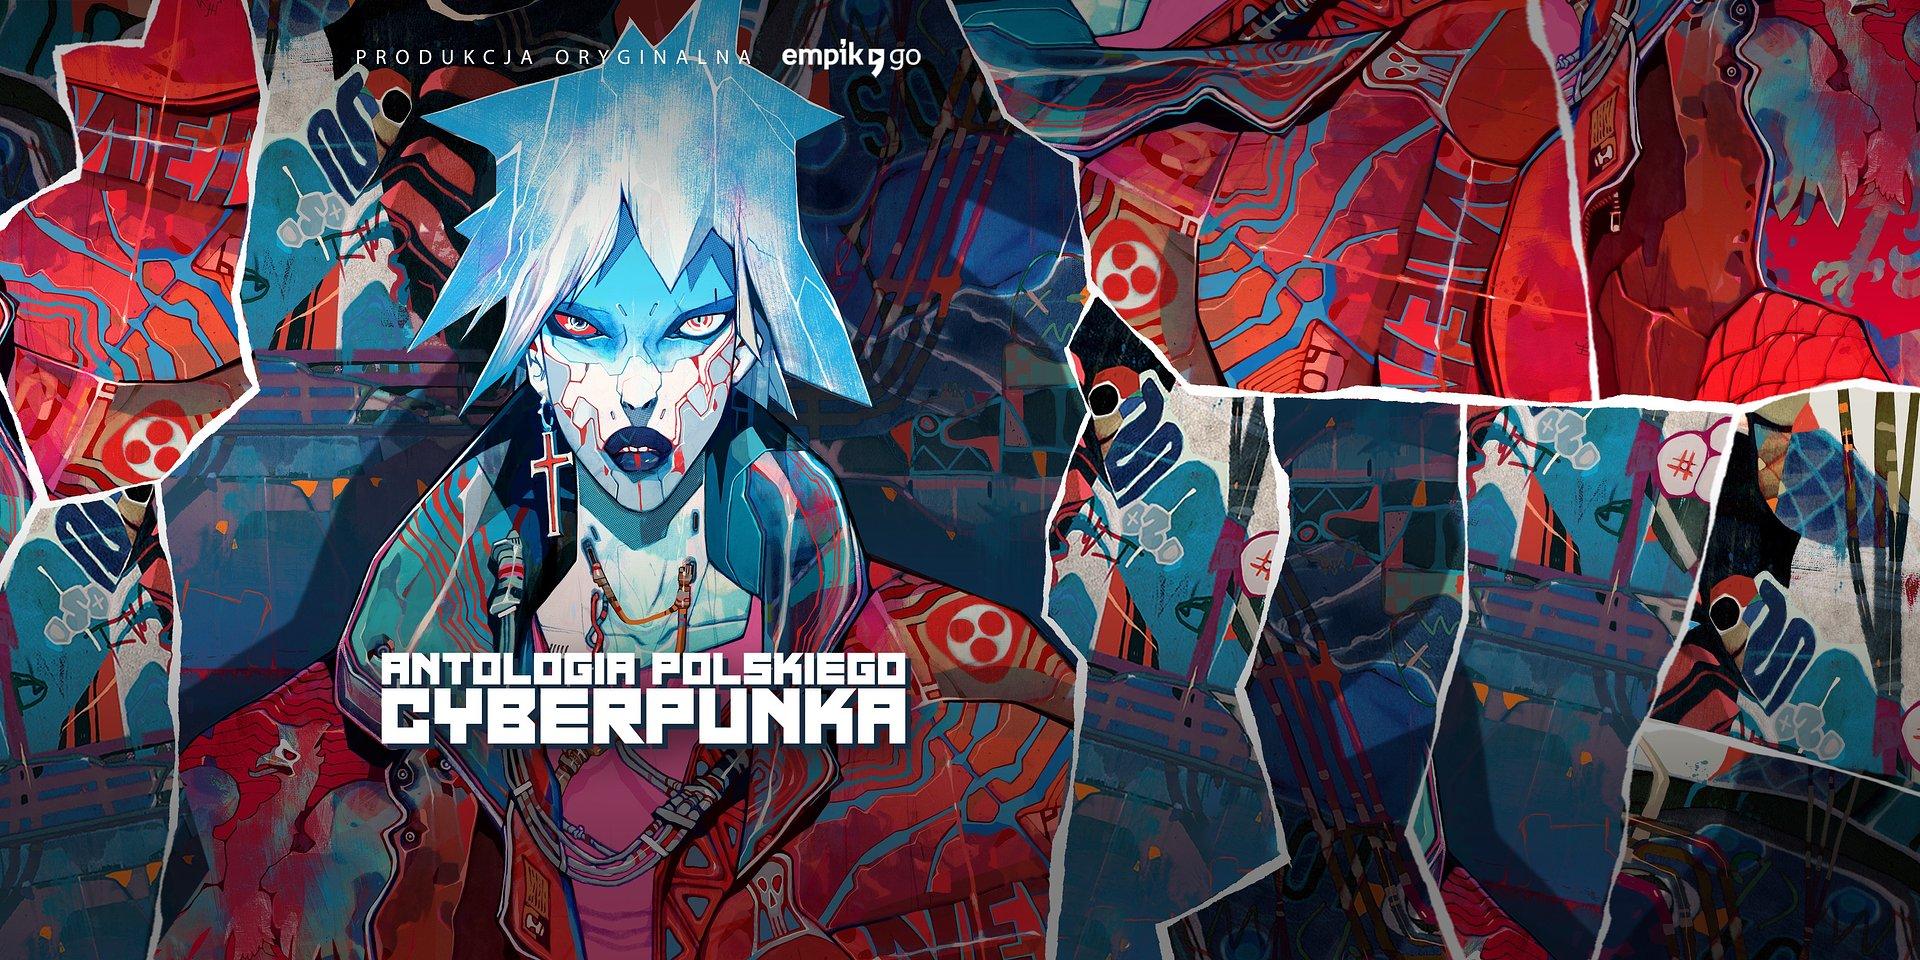 Powstała antologia polskiego cyberpunka wwersji audio. Muzykę stworzył Steez zPRO8L3Mu